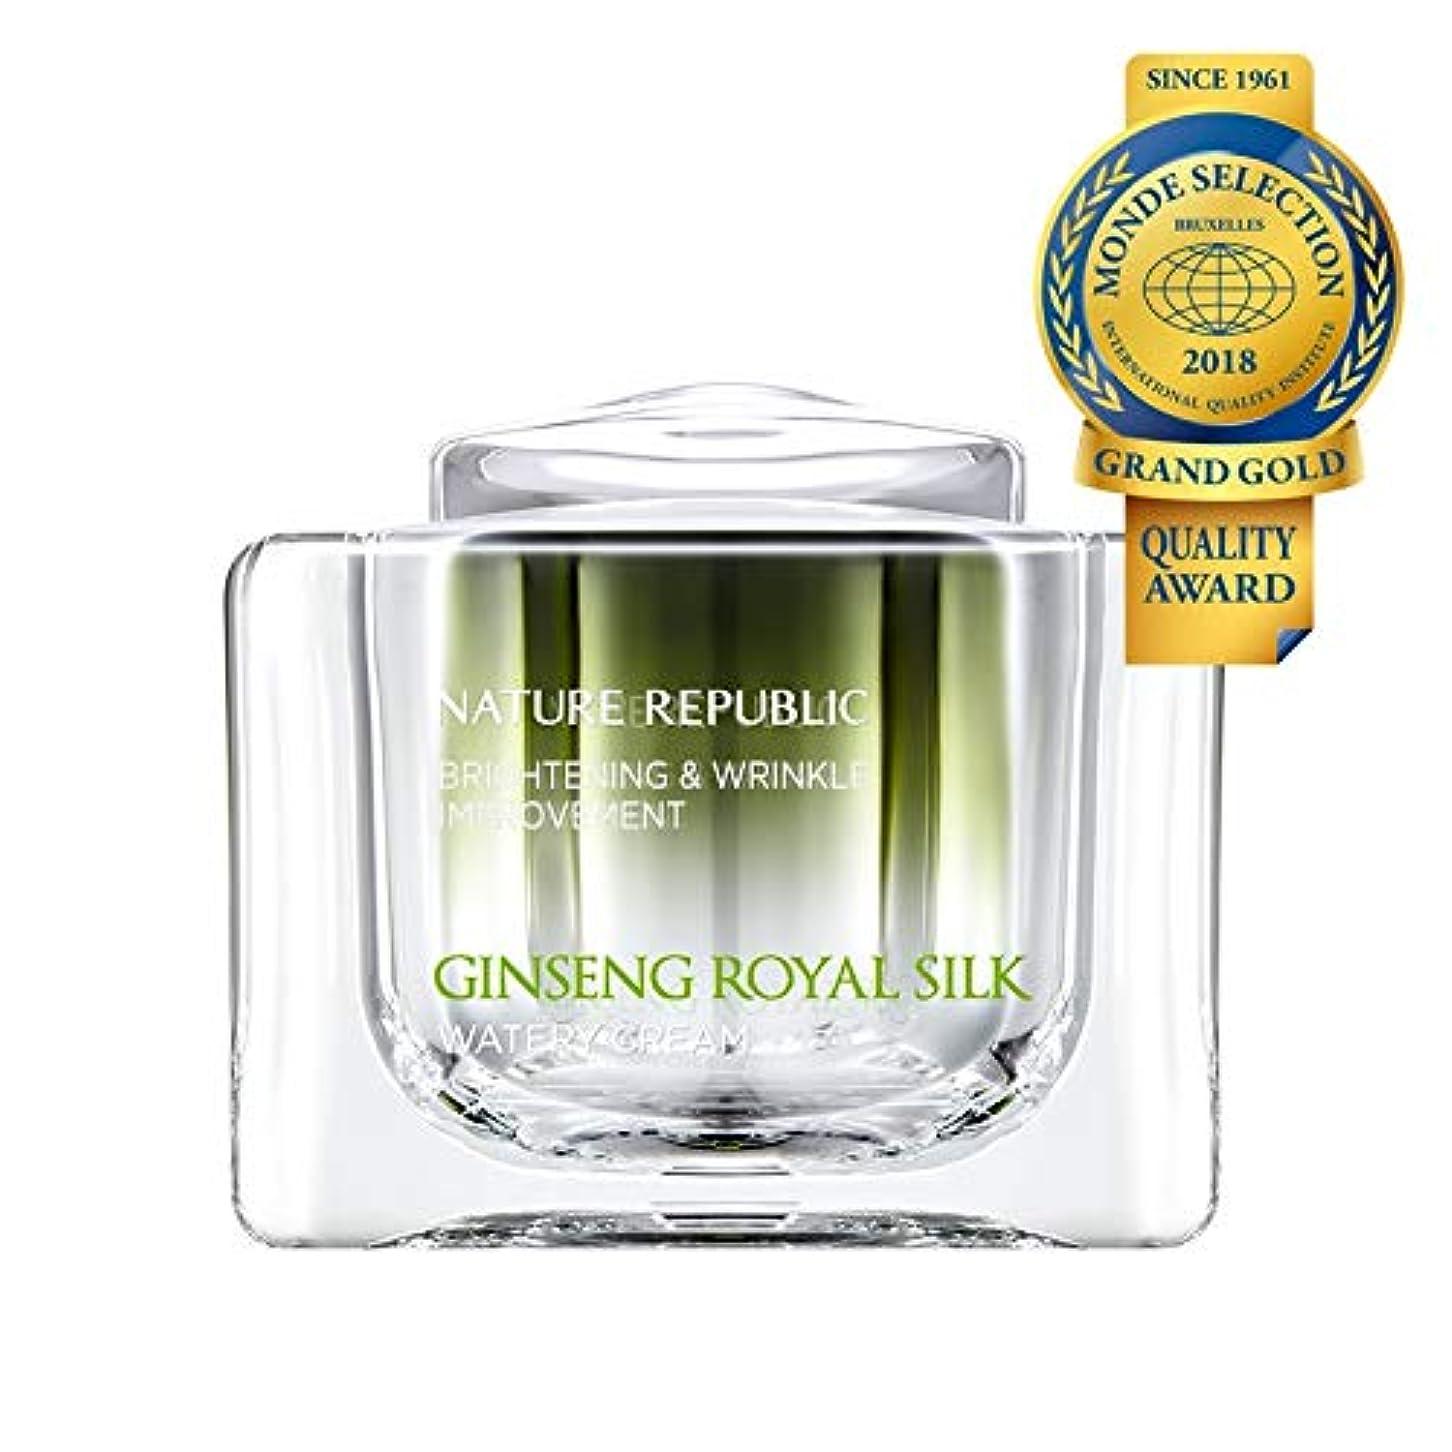 フォージ金銭的切断するネイチャーリパブリック(Nature Republic)ジンセンロイヤルシルクウォーターリークリーム 60g / Ginseng Royal Silk Watery Cream 60g :: 韓国コスメ [並行輸入品]